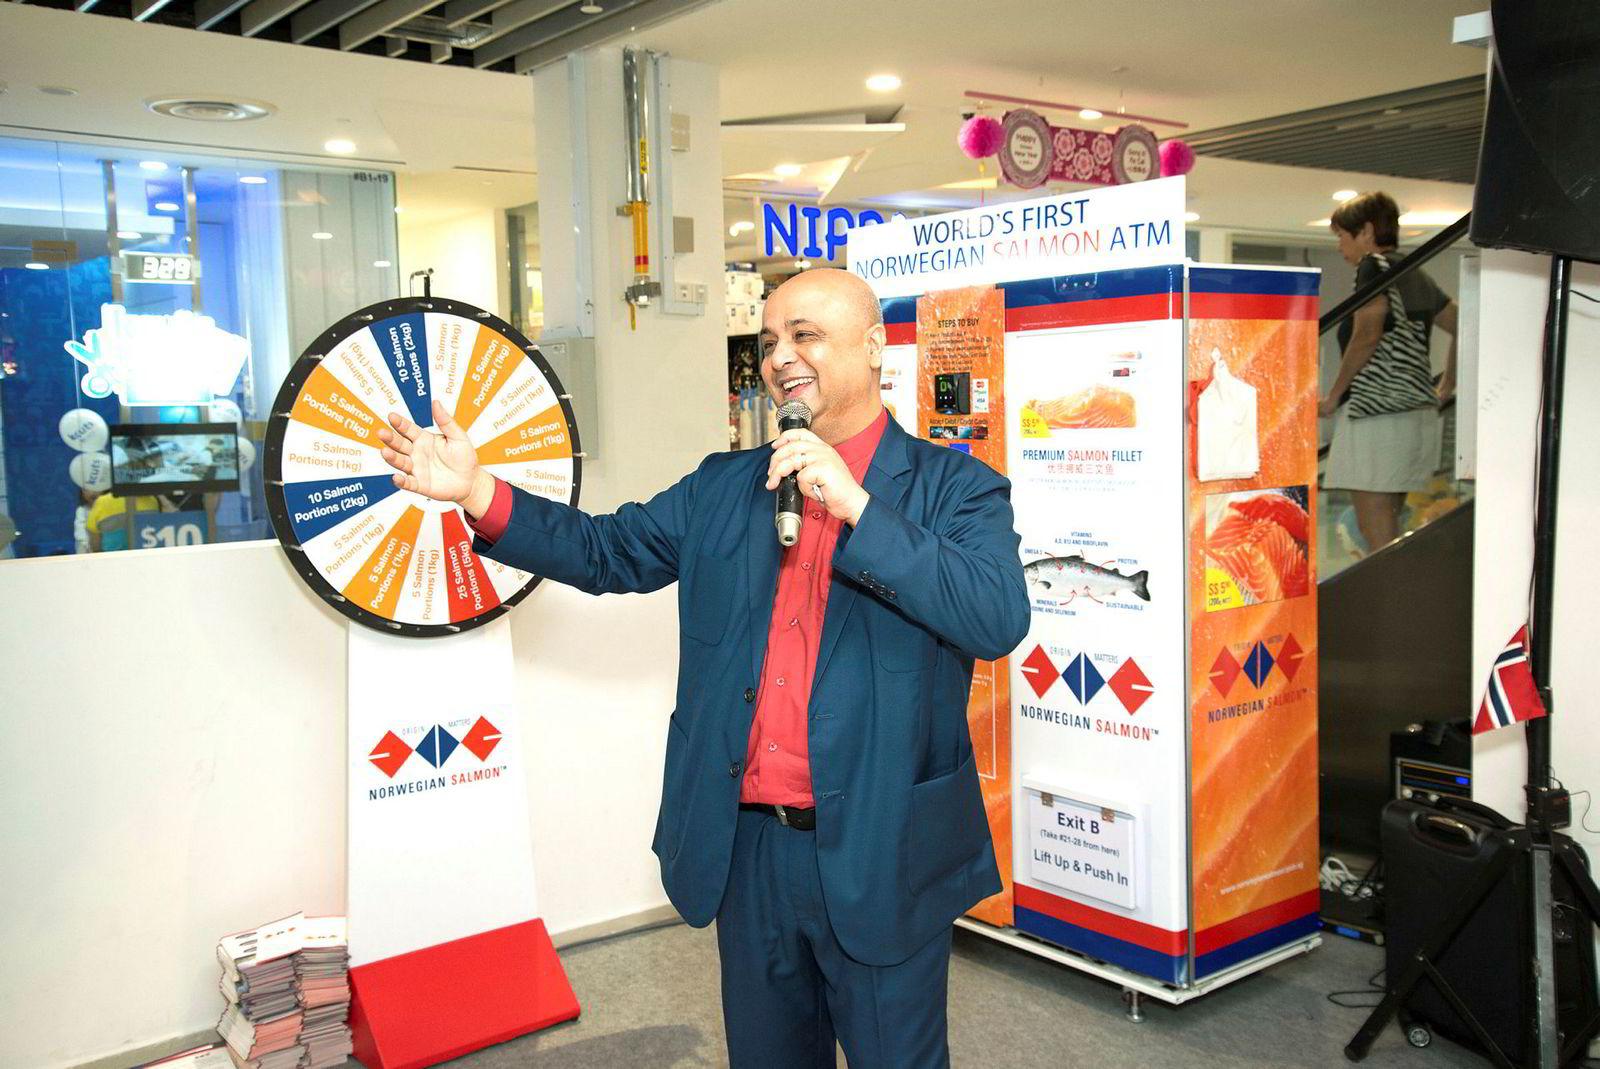 Daglig leder Manish Kumar åpnet den første lakseautomaten i kjøpesenteret Wisteria Mall-Yishun i Singapore sist helg.